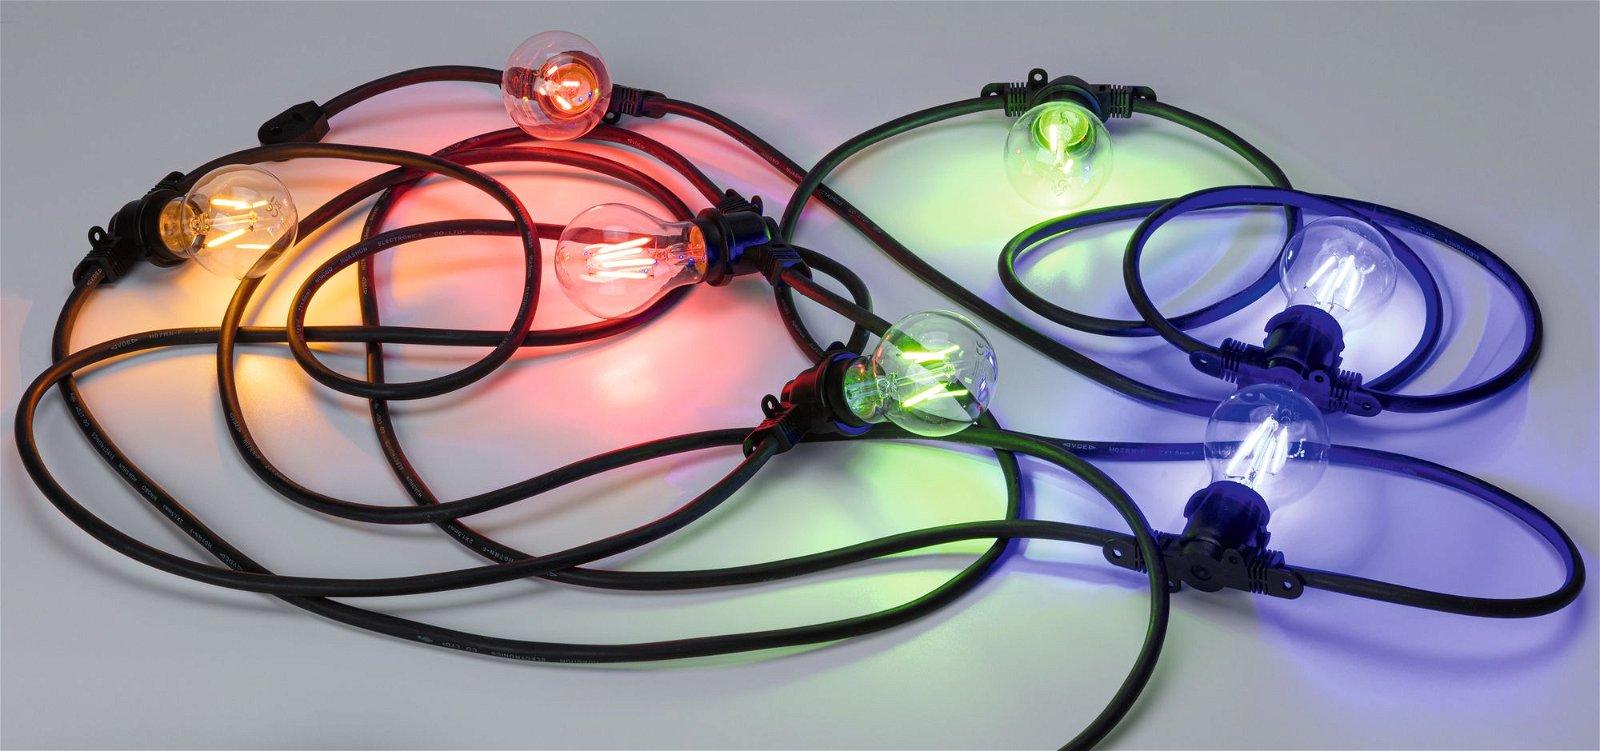 Lichterkette IP44 E27 8,6m max. 7x10W 230V Schwarz